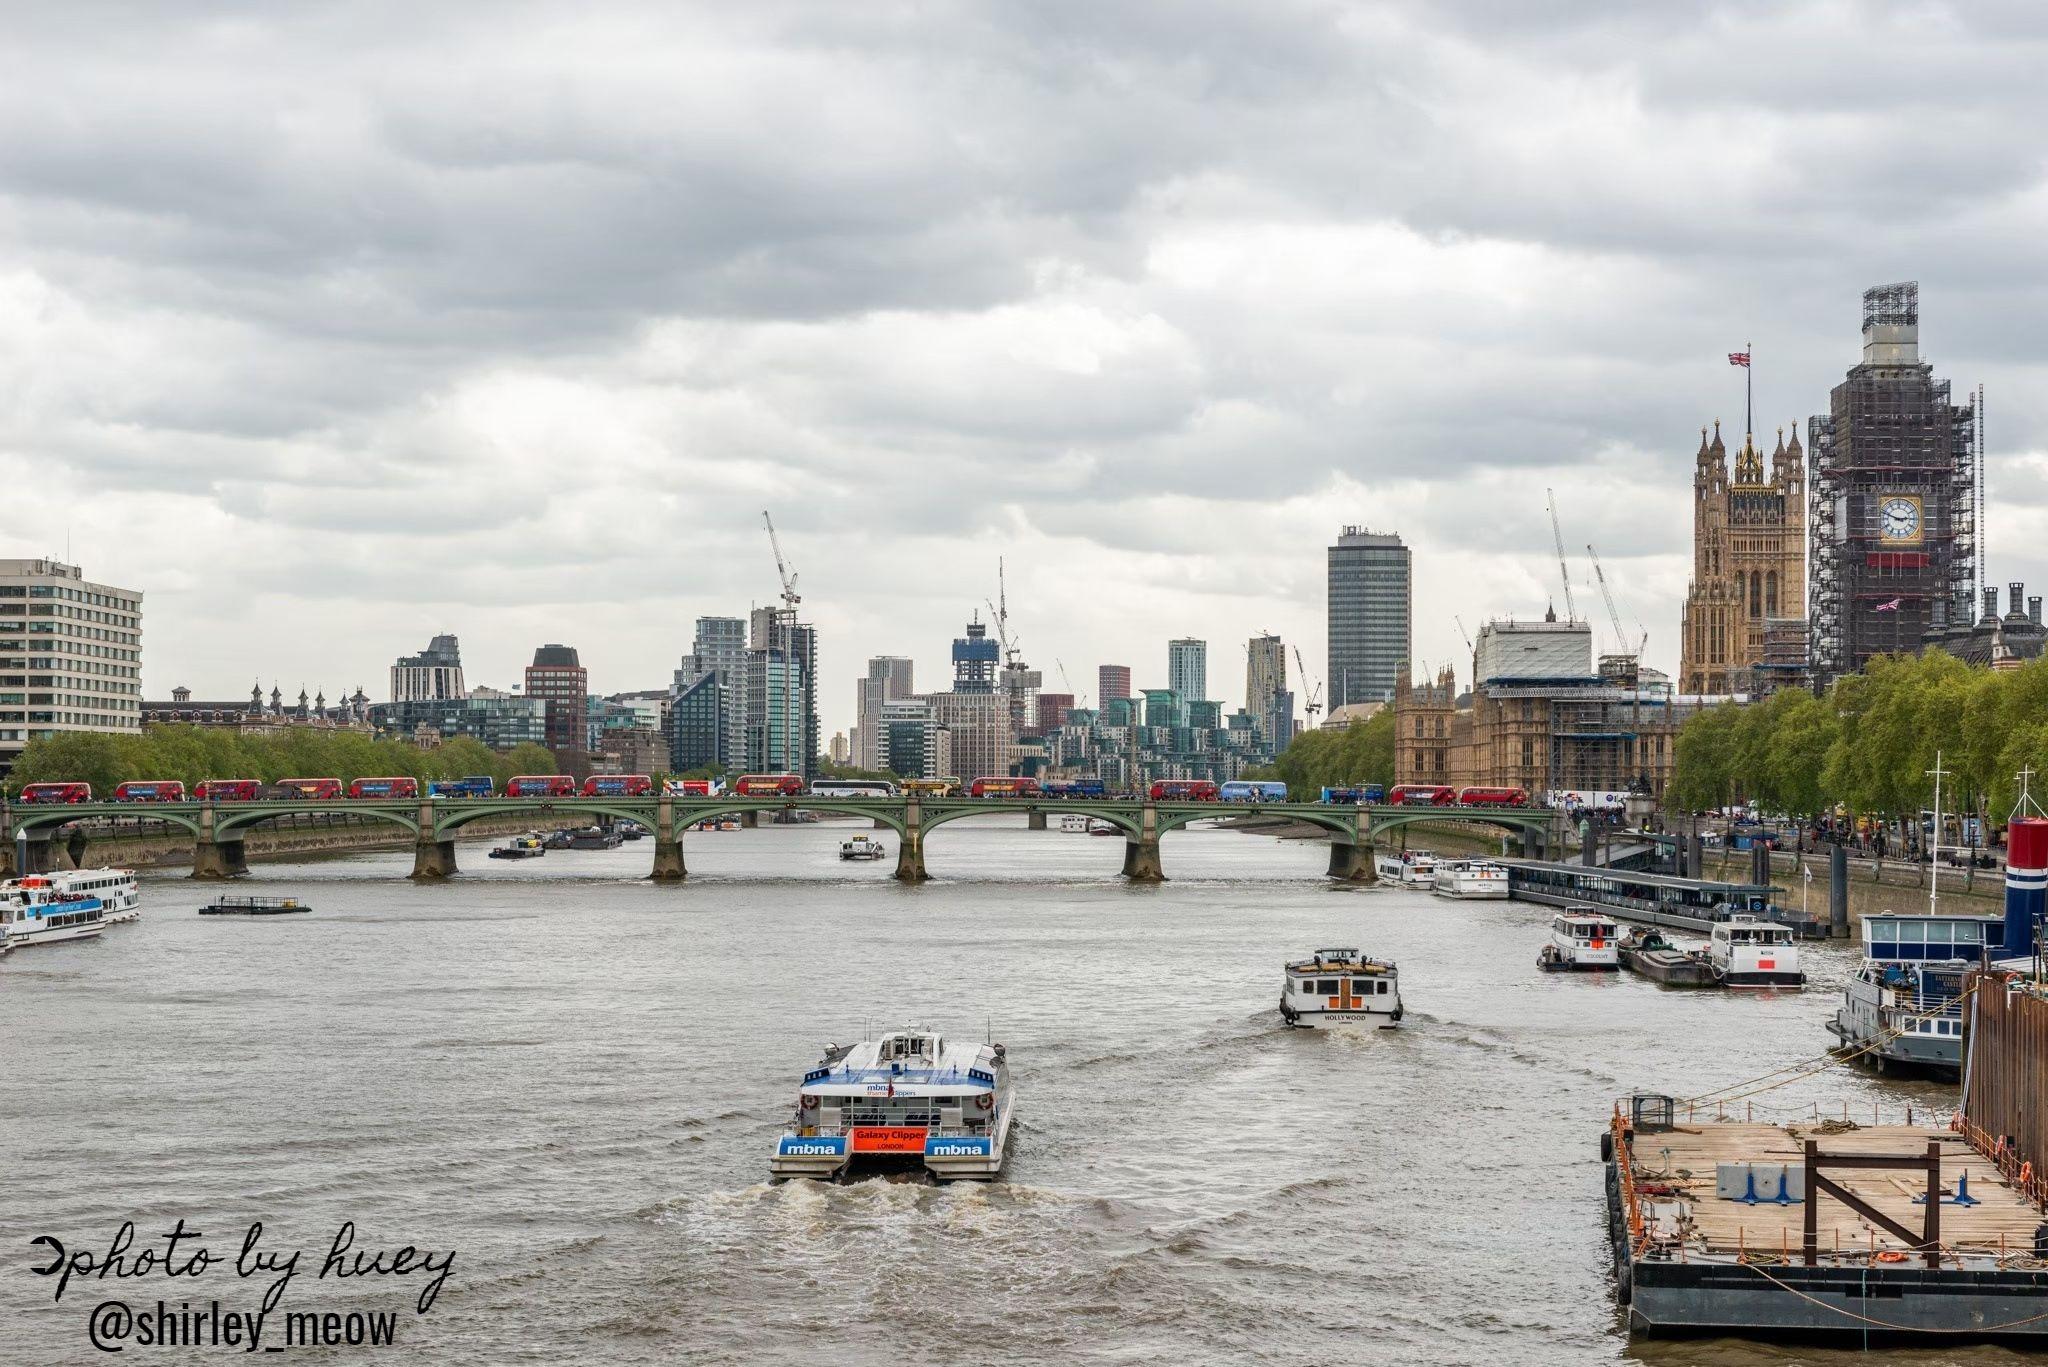 UK_190711_0078.jpg